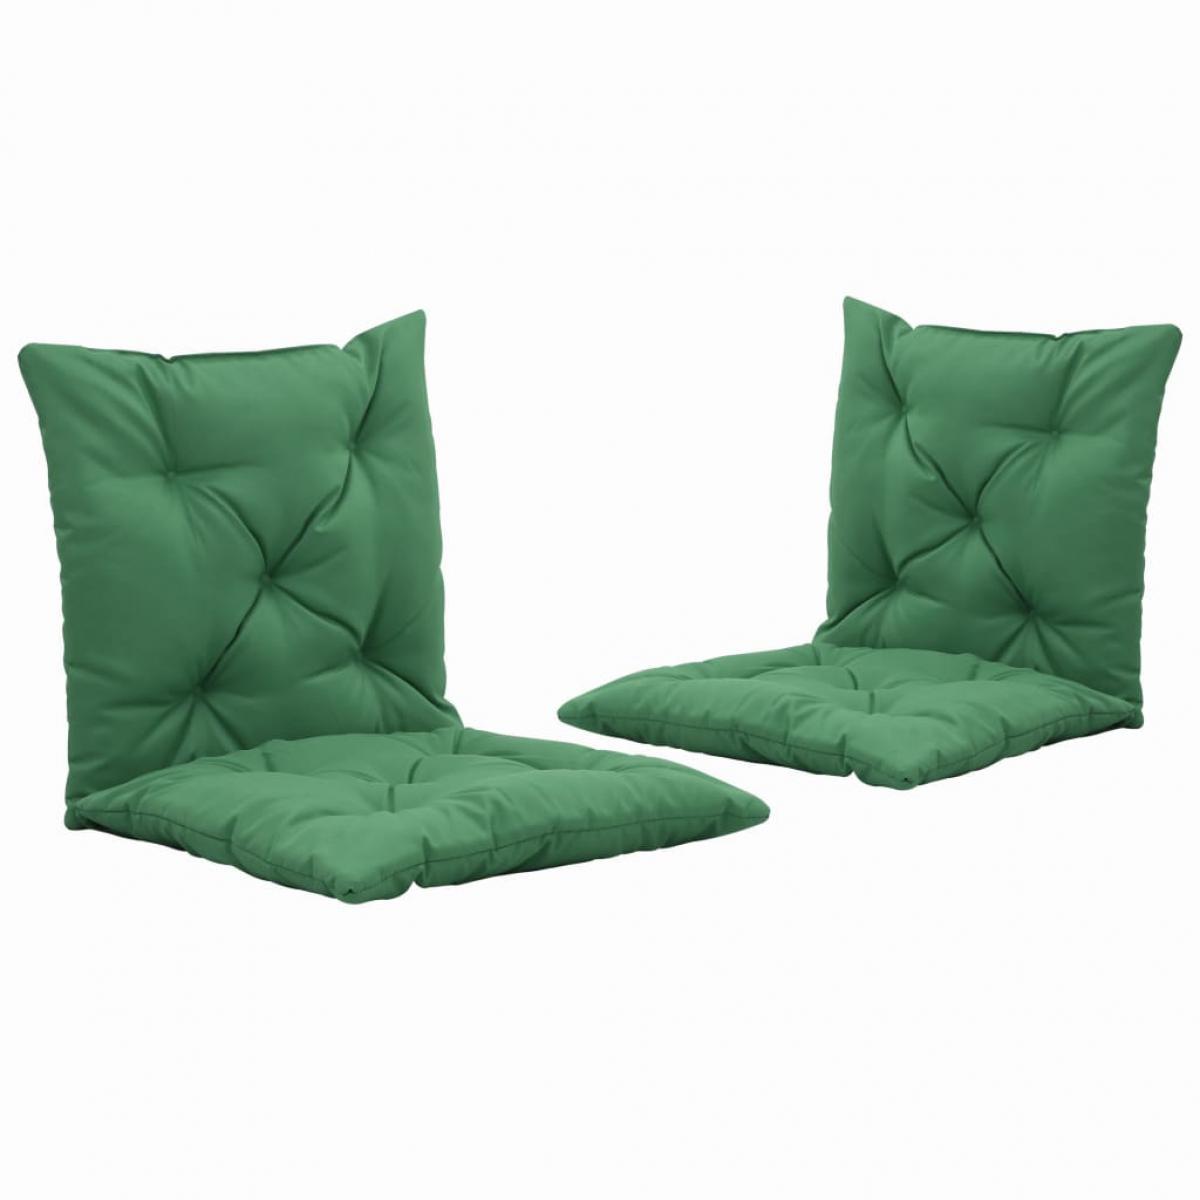 Decoshop26 lot de 2 coussins de chaise de jardin 100% polyester imperméable vert 50 cm DEC021761